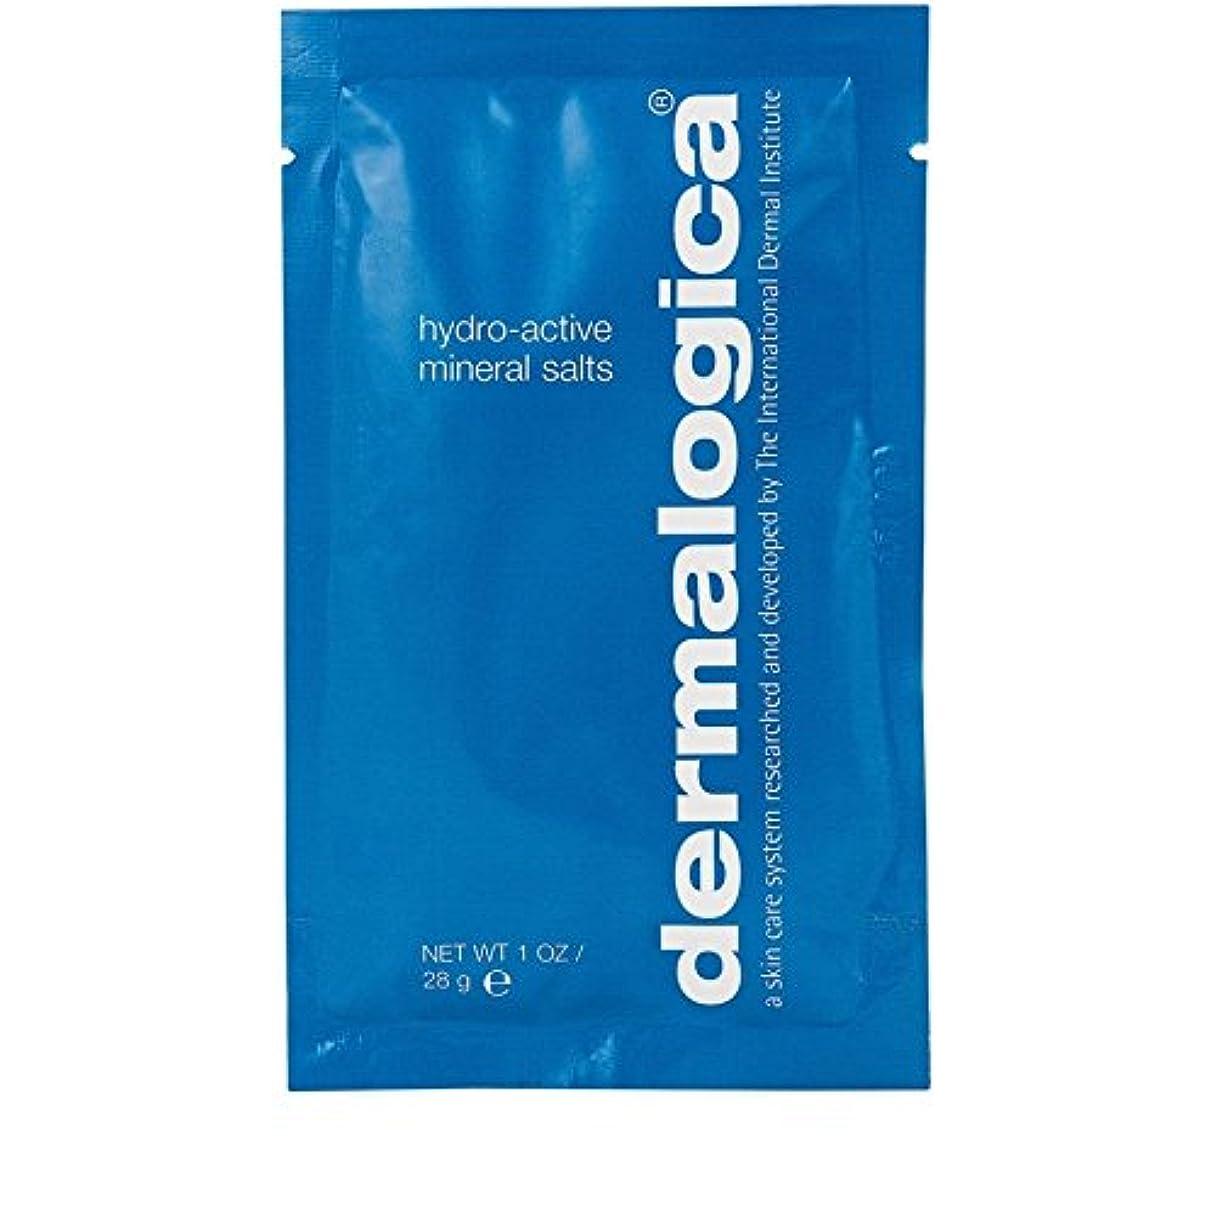 くしゃみ放射する重要なダーマロジカ水力アクティブミネラル塩28グラム x2 - Dermalogica Hydro Active Mineral Salt 28g (Pack of 2) [並行輸入品]